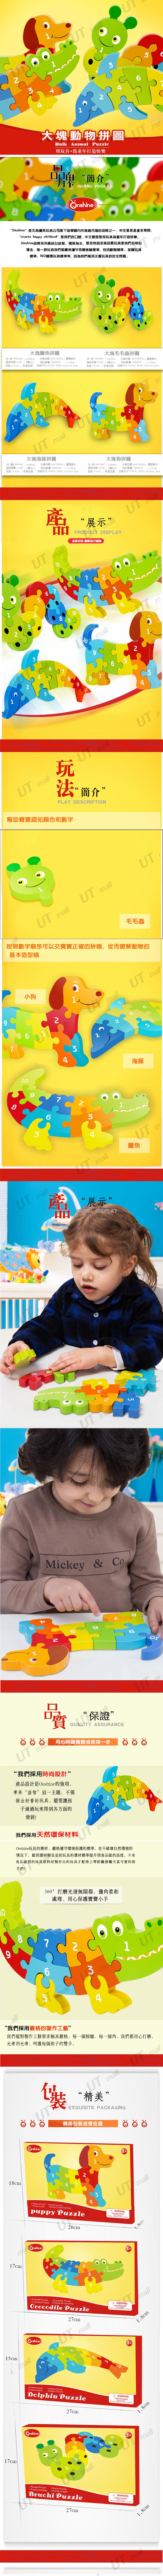 731-onshine启蒙动物拼图 早教卡通动物数字拼图儿童木质拼图玩具